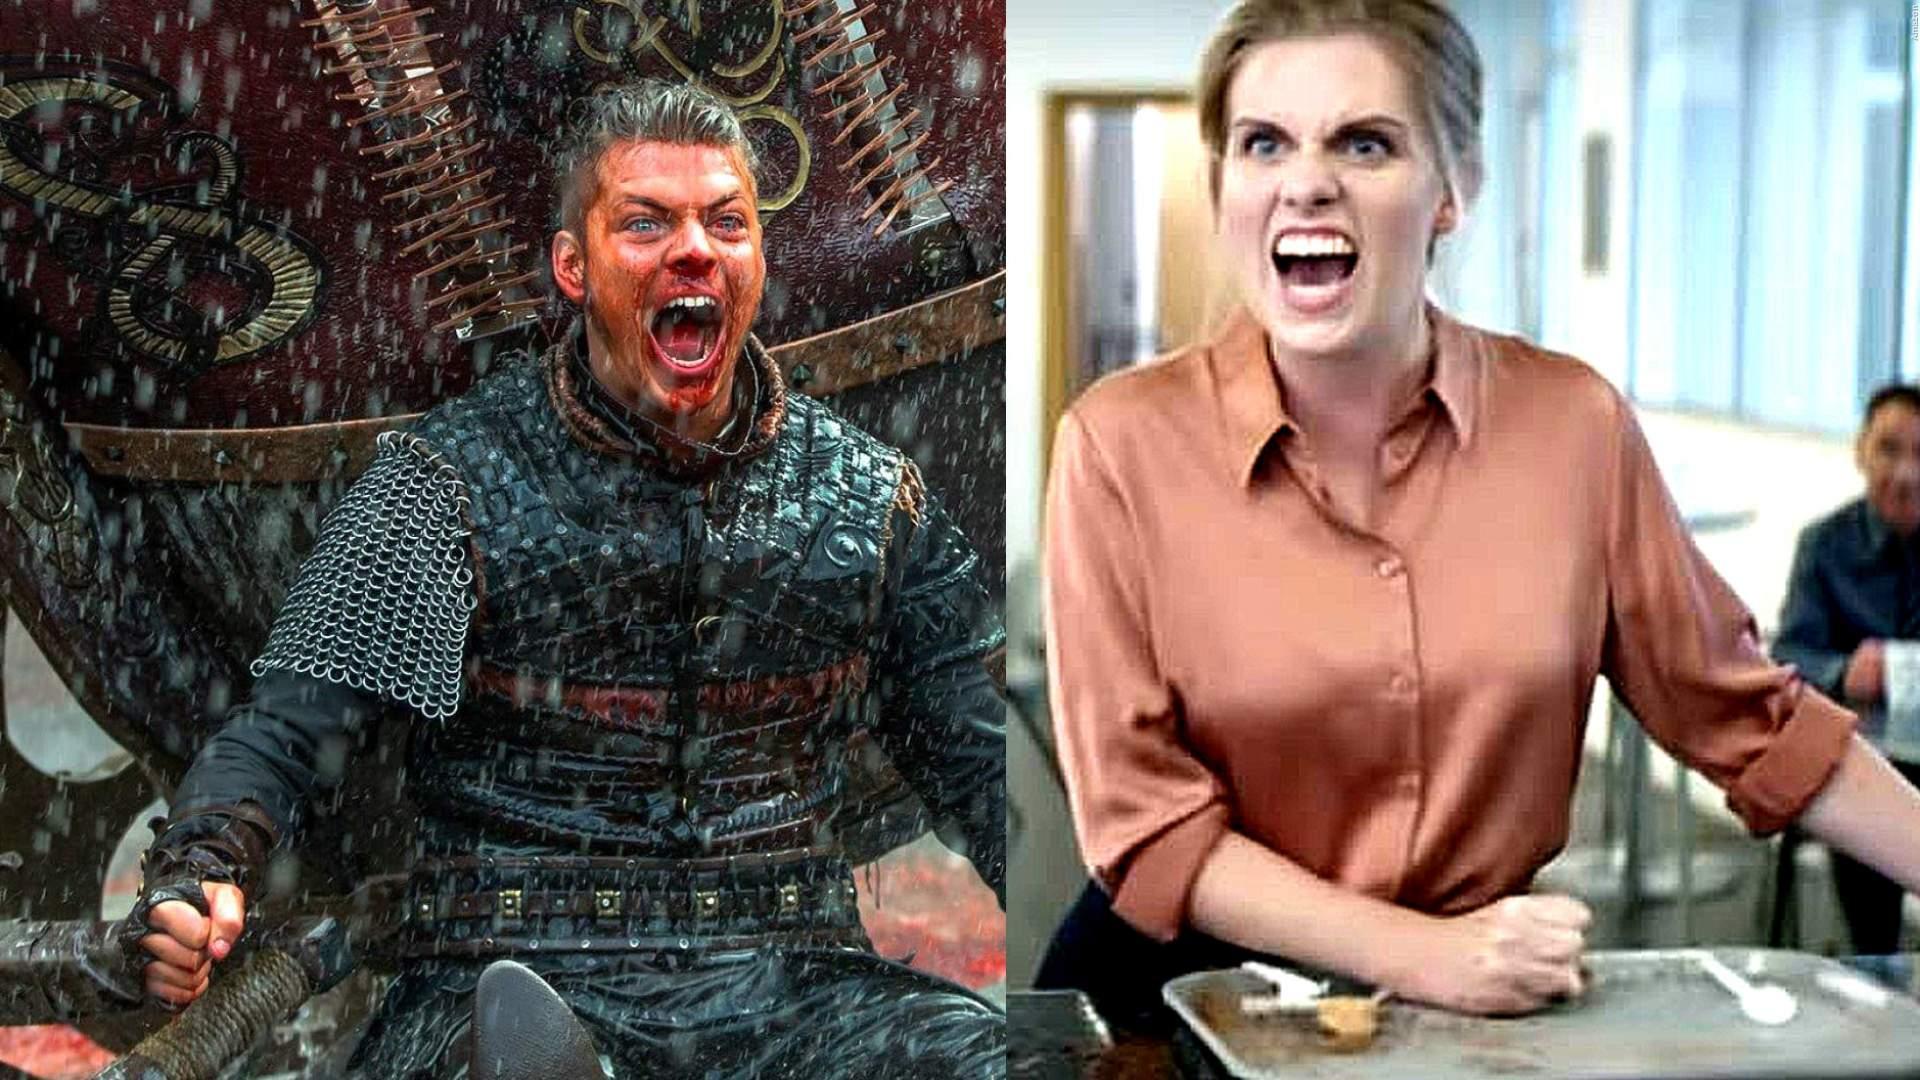 VIDEO: Vorsicht - so schnell macht die Serie 'Vikings' einen echten Wikinger aus dir!